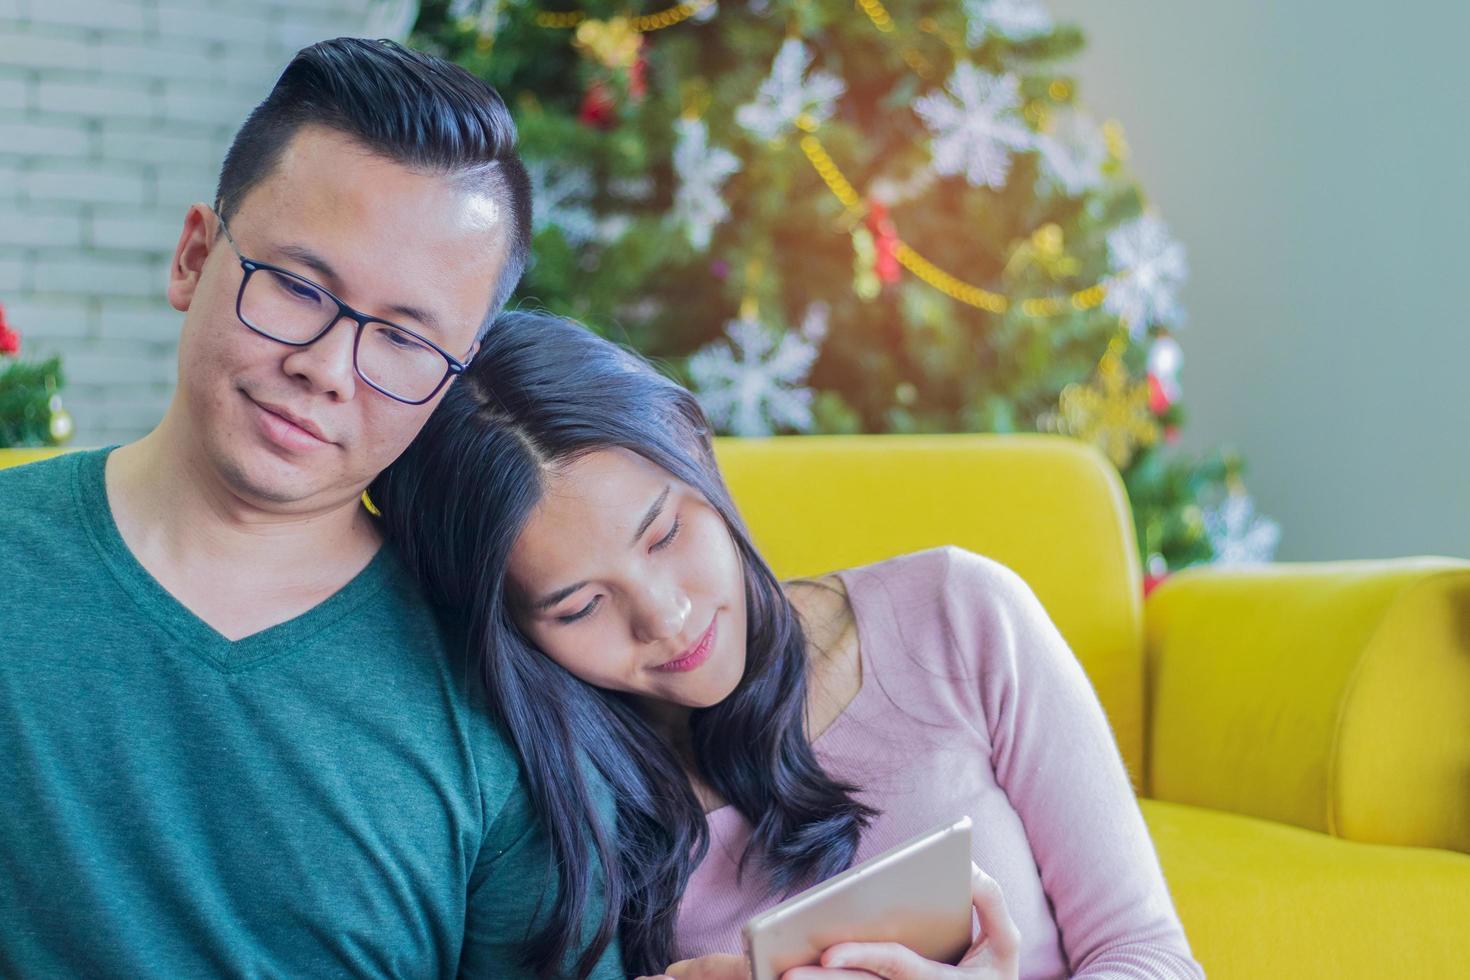 Paar entspannt sich in einem Wohnzimmer foto